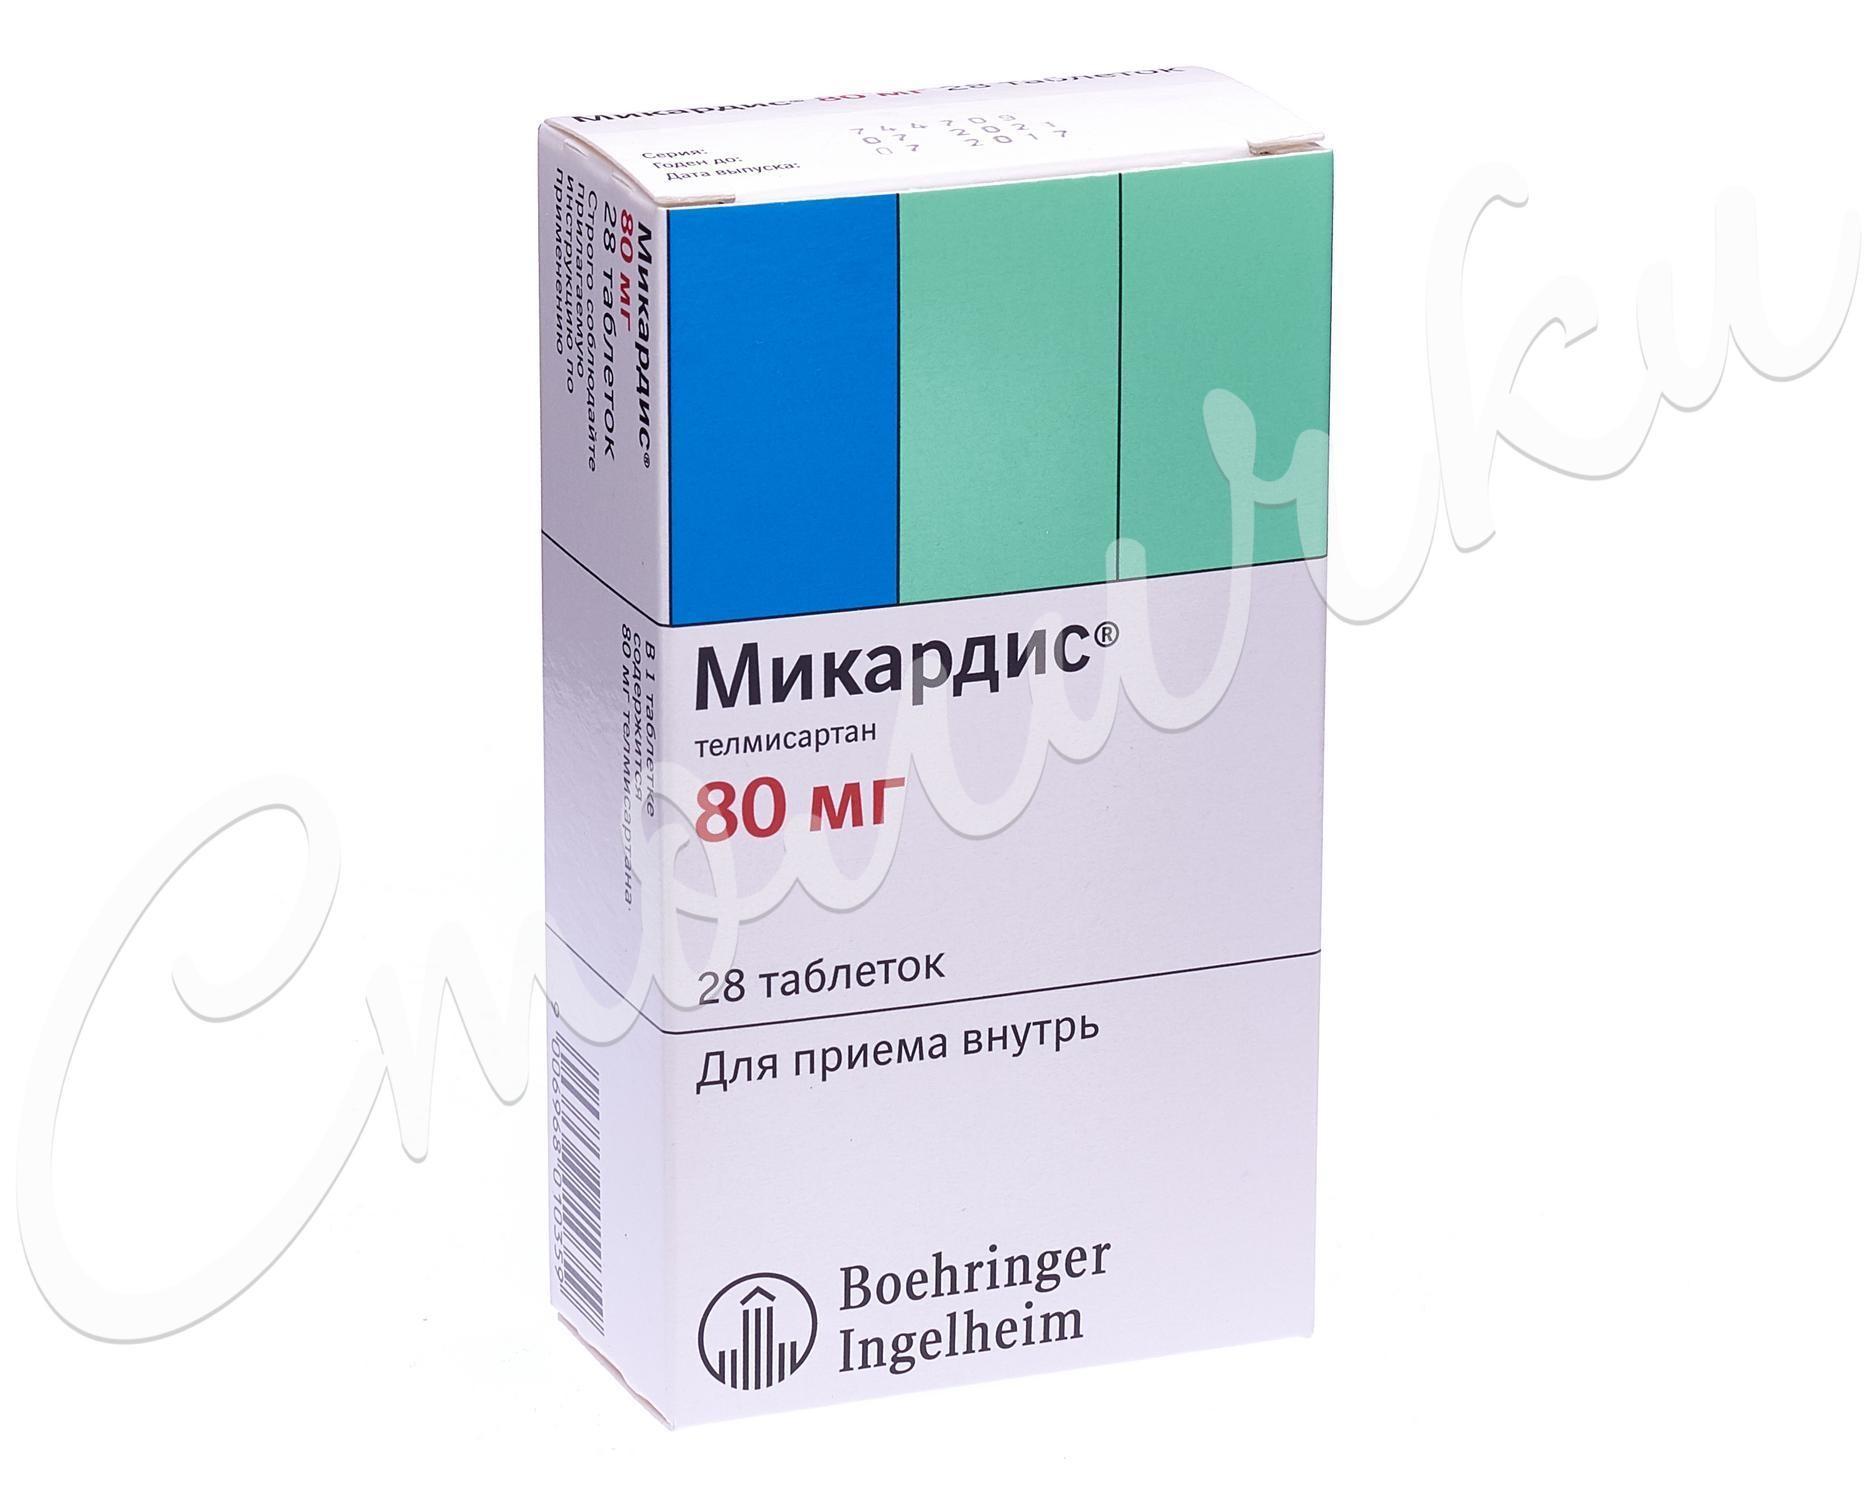 Аналоги таблеток микардис